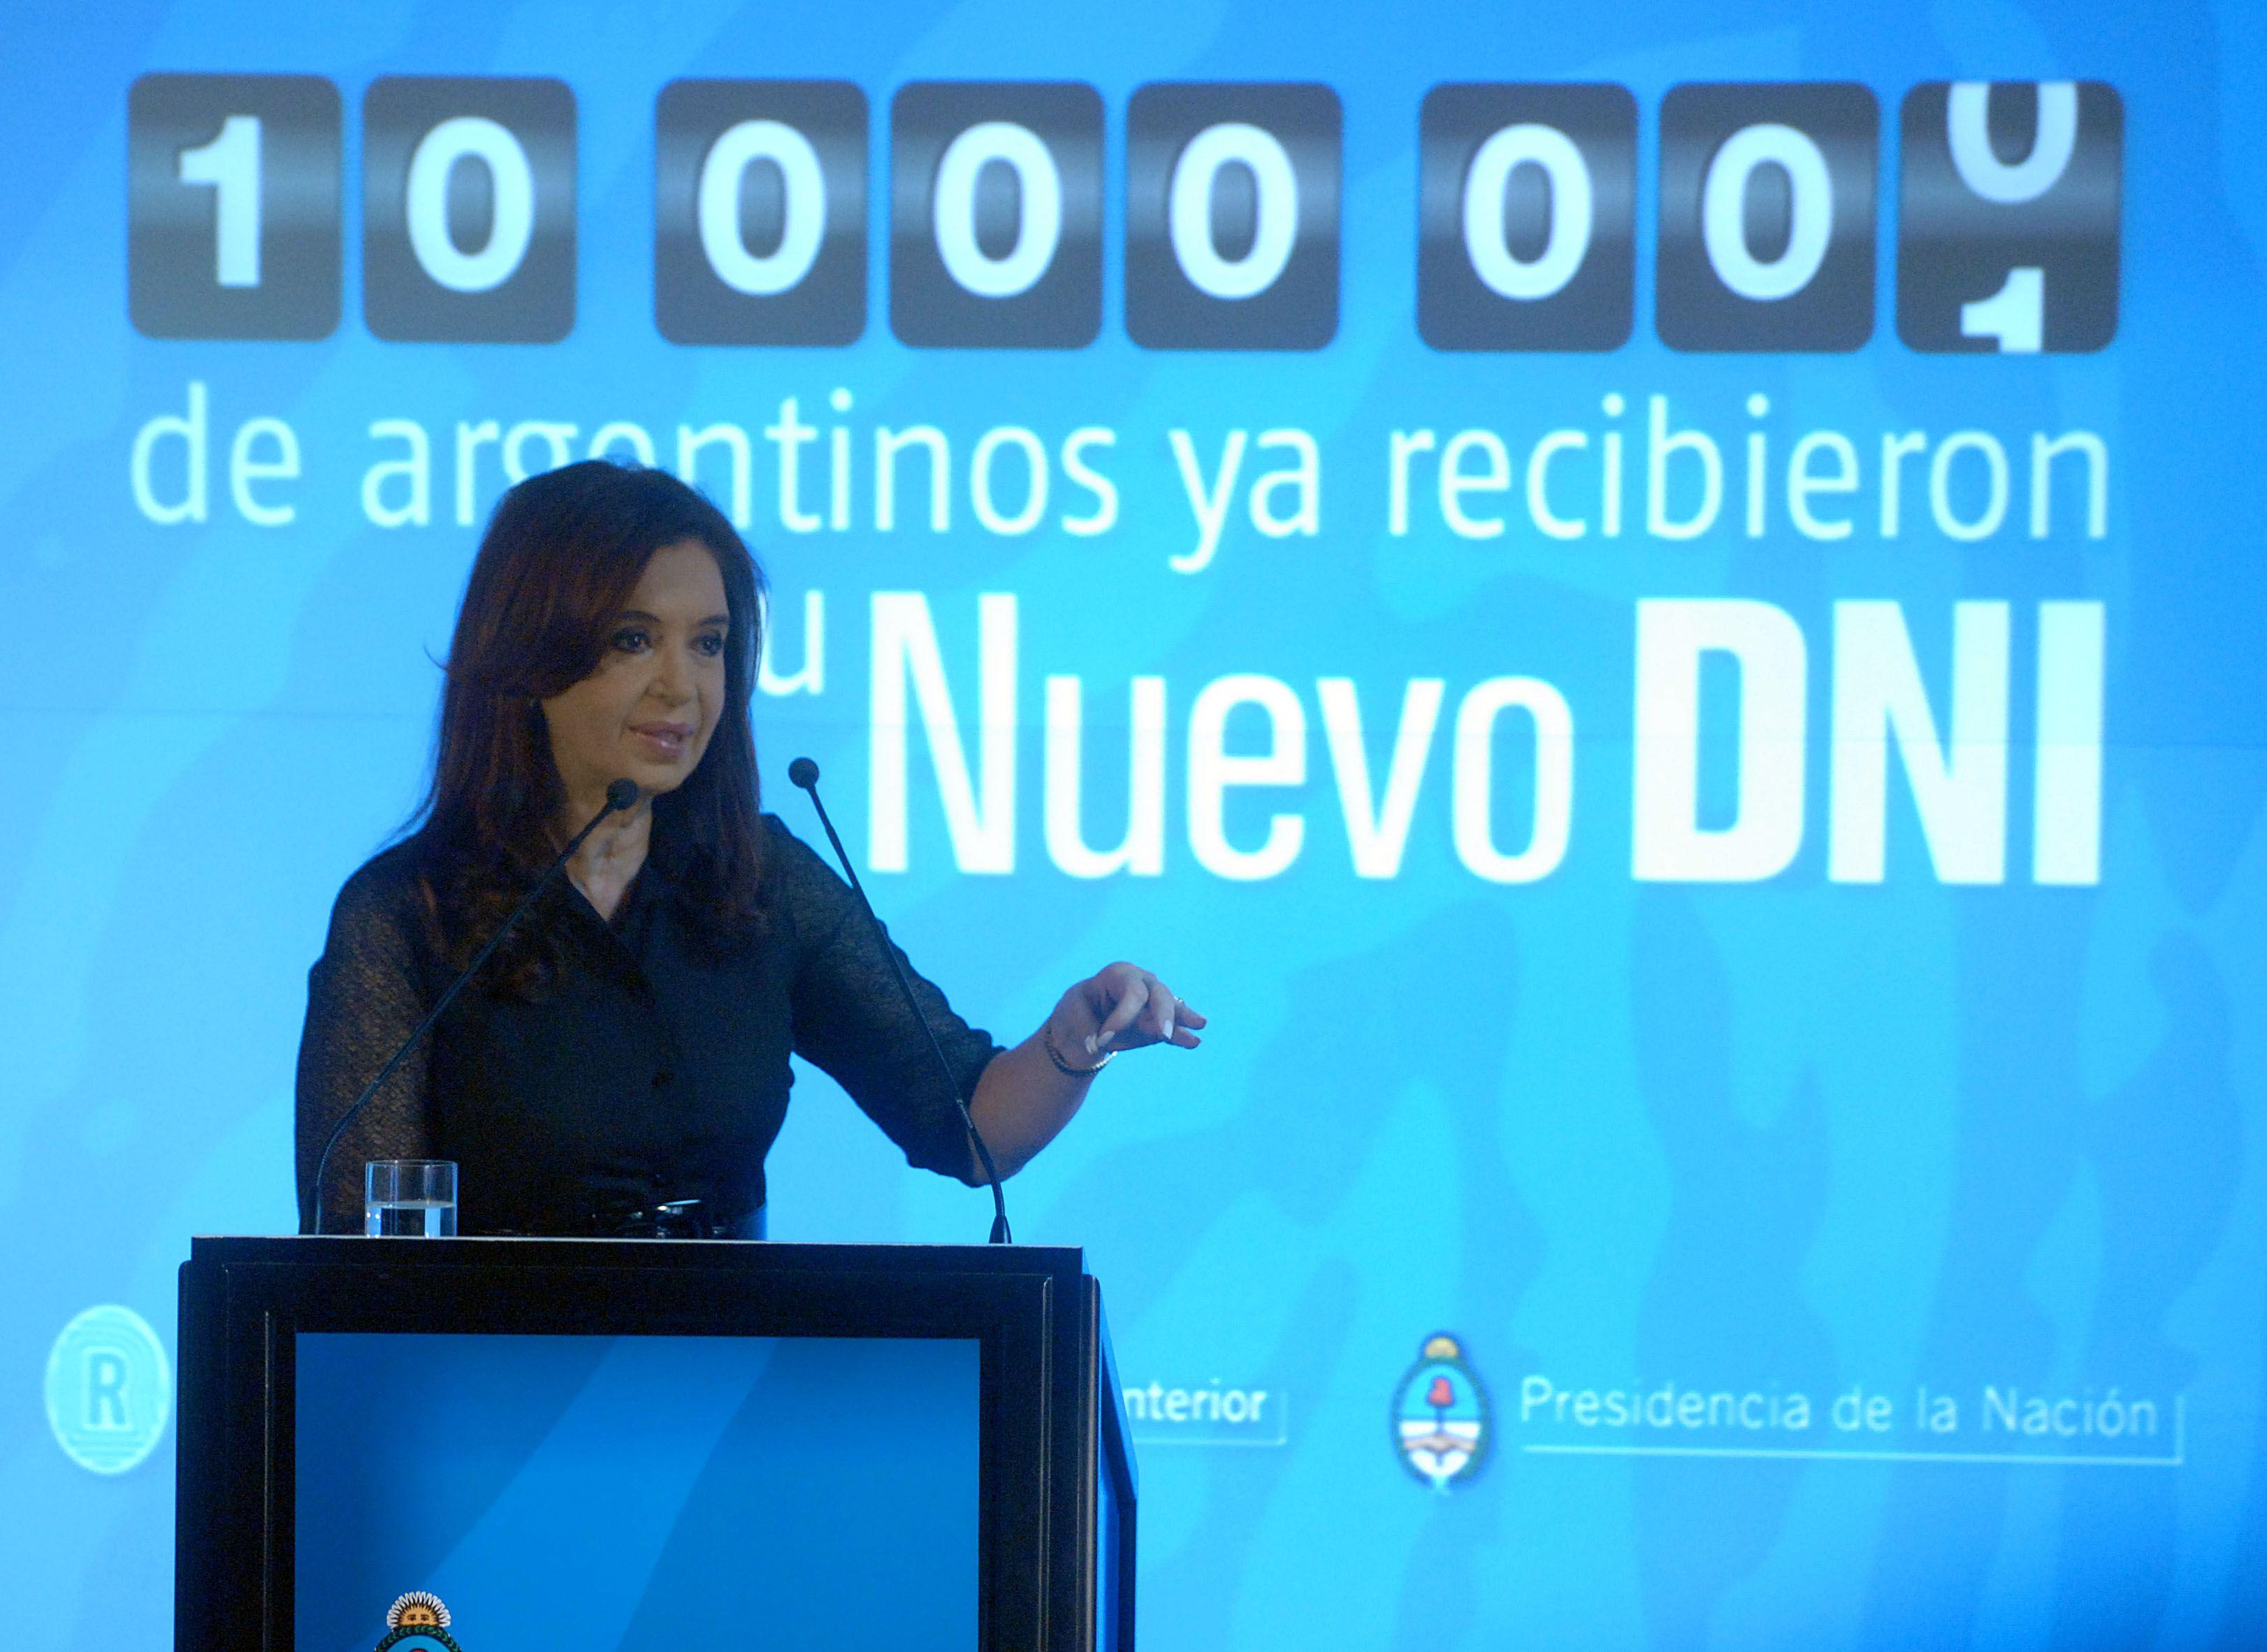 Cristina dijo que el 25 por ciento de la población tiene el nuevo DNI